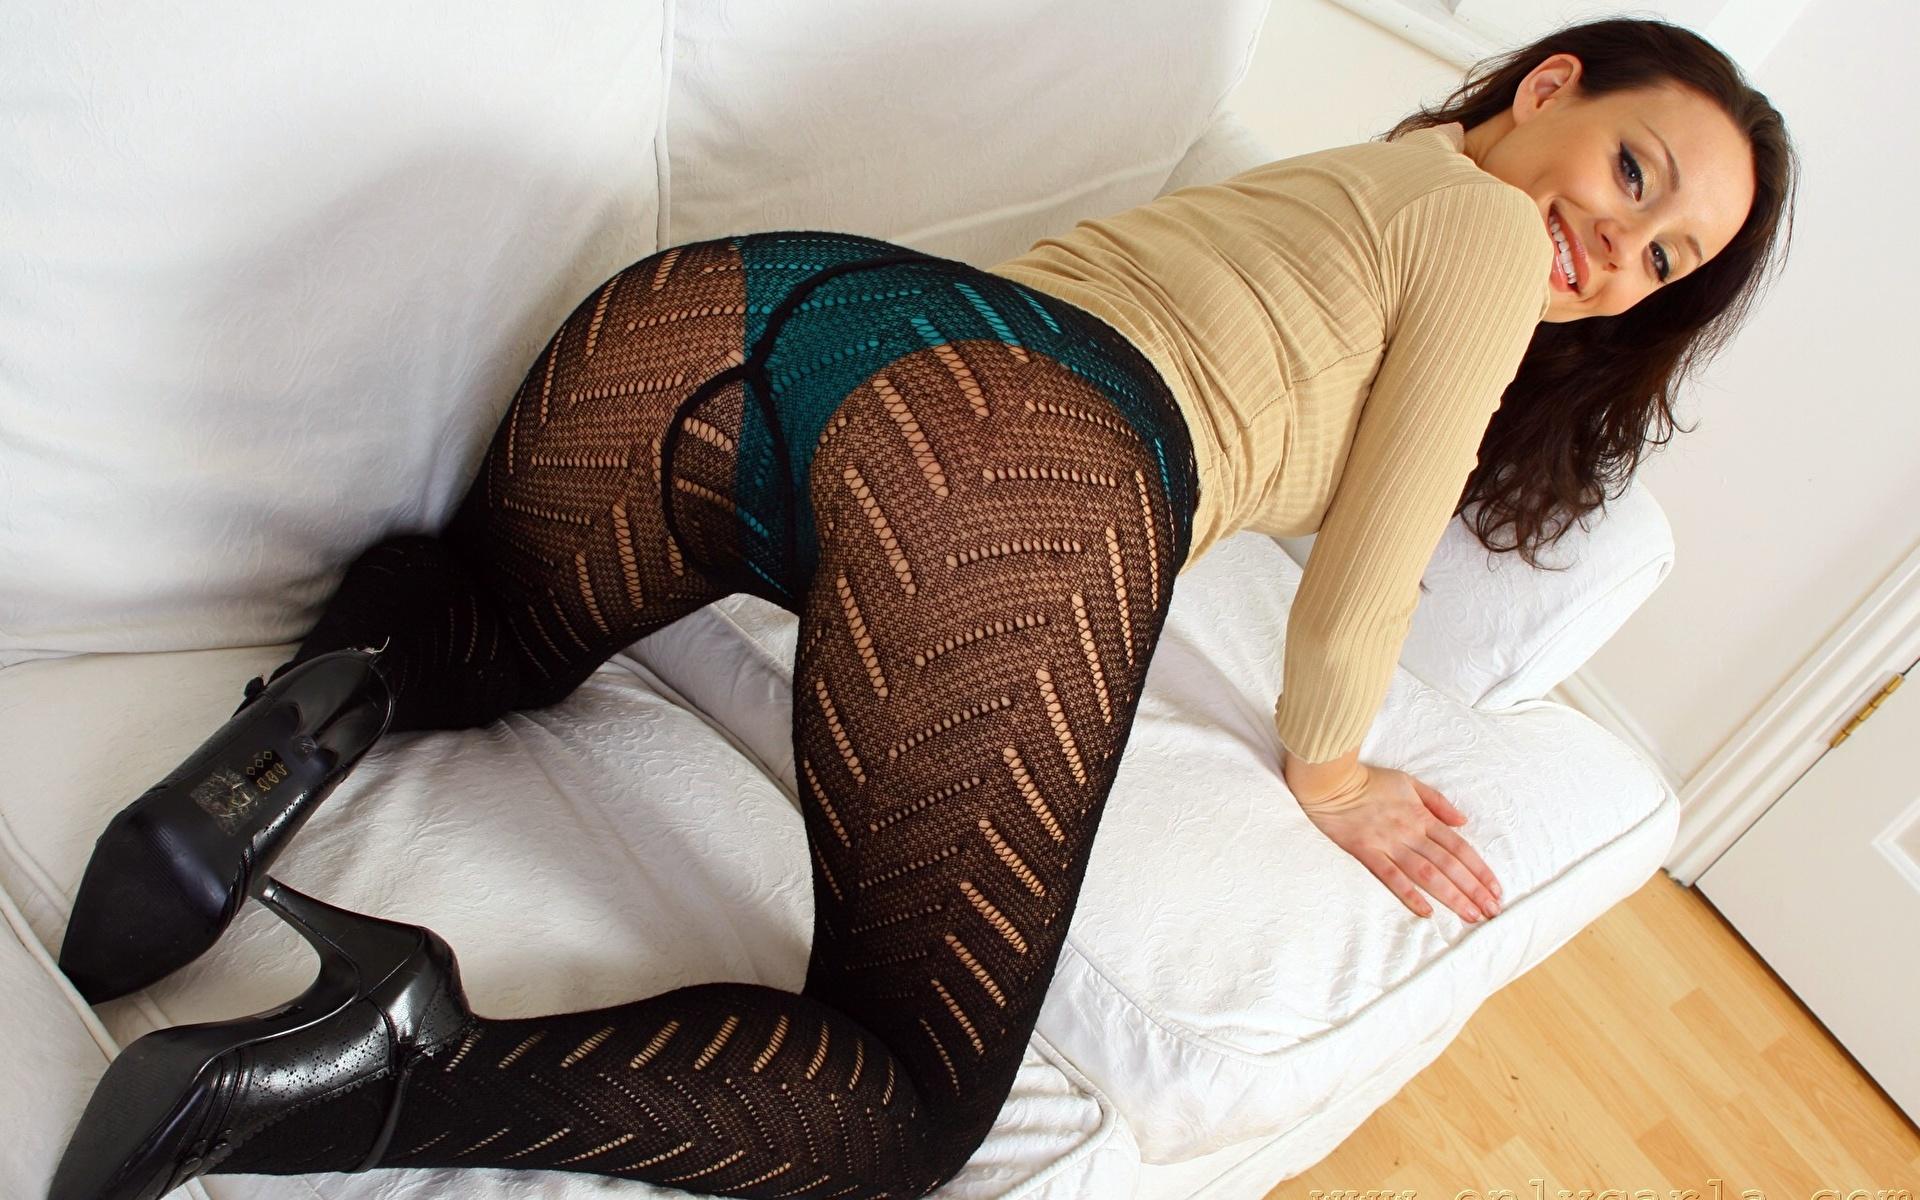 Секс с калготкой, Чулки и колготки Смотретьпорно видео роликов 13 фотография